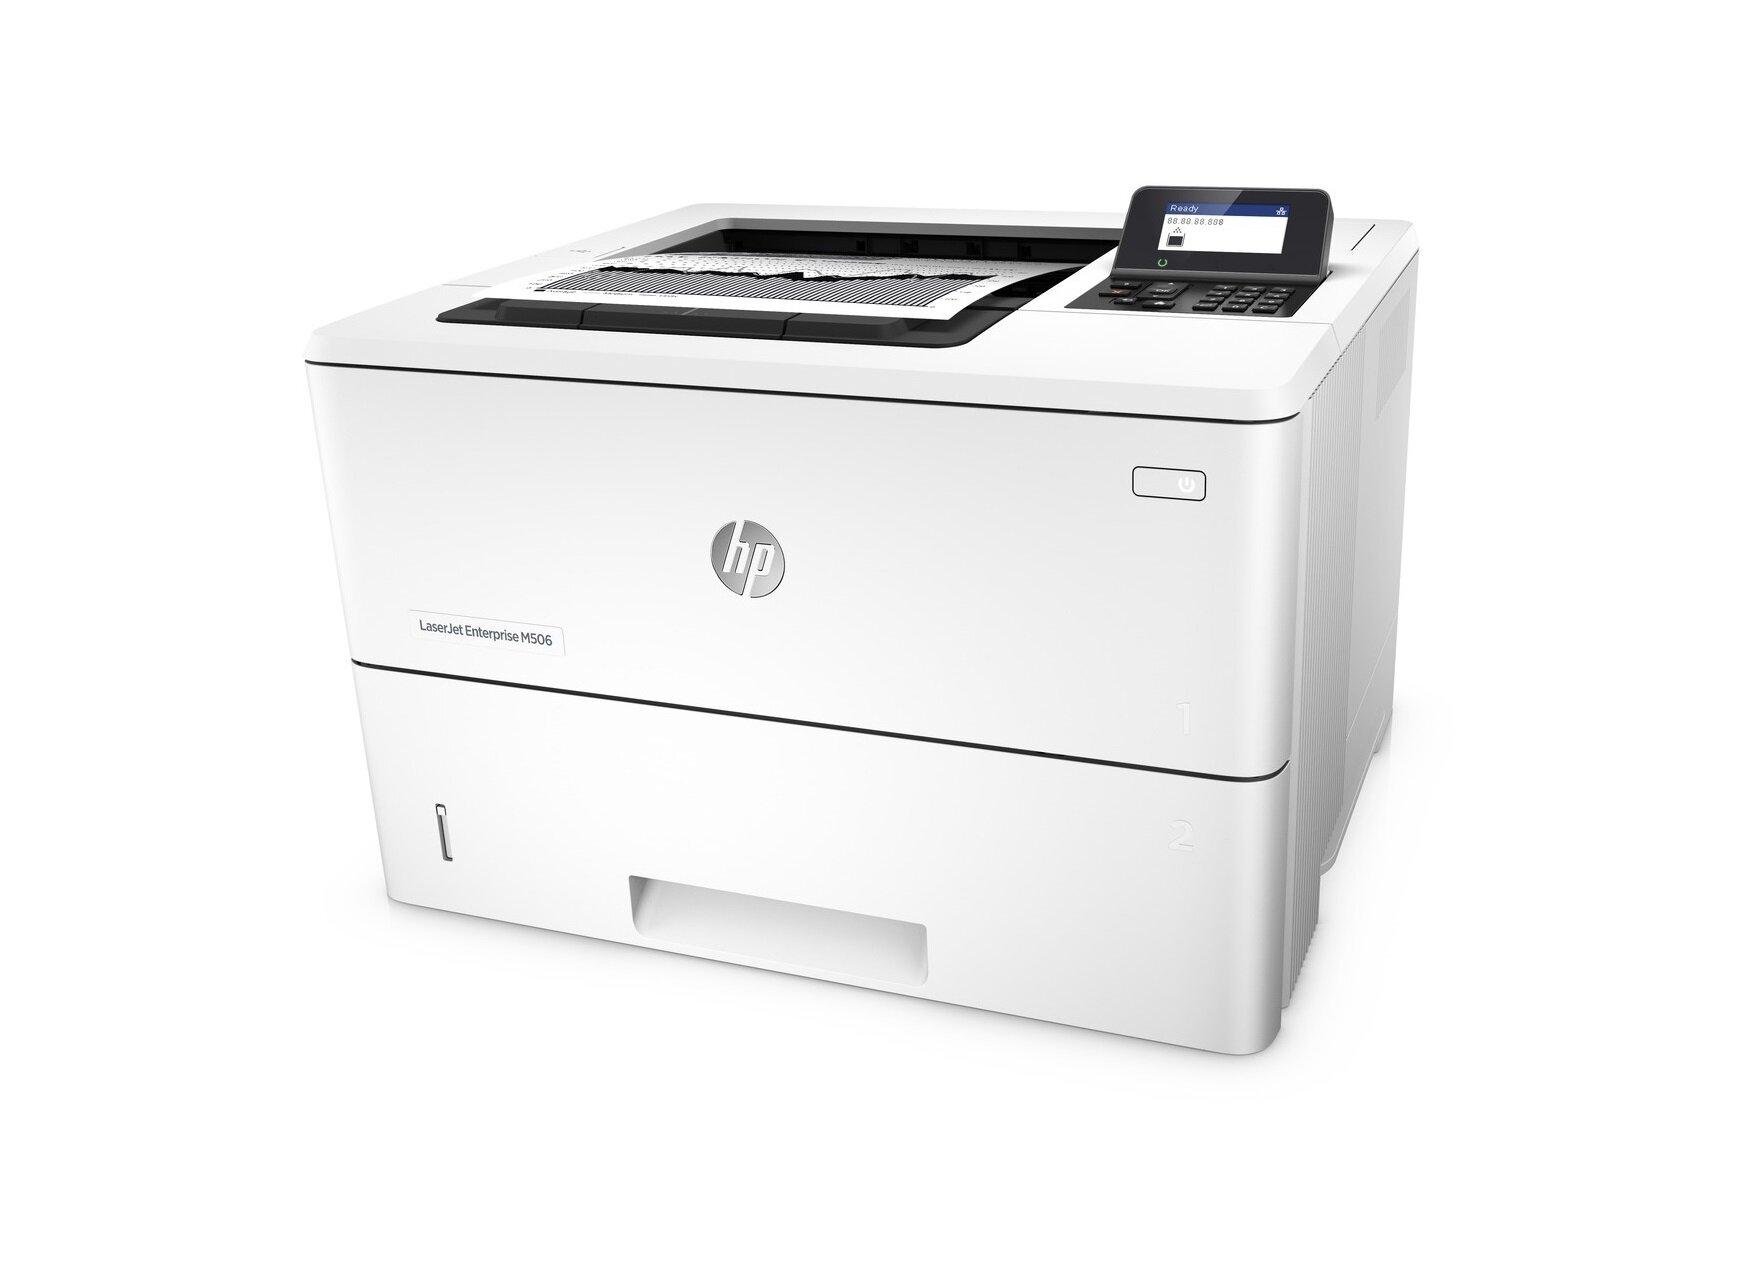 Máy in HP LaserJet Enterprise M506dn (F2A69A)